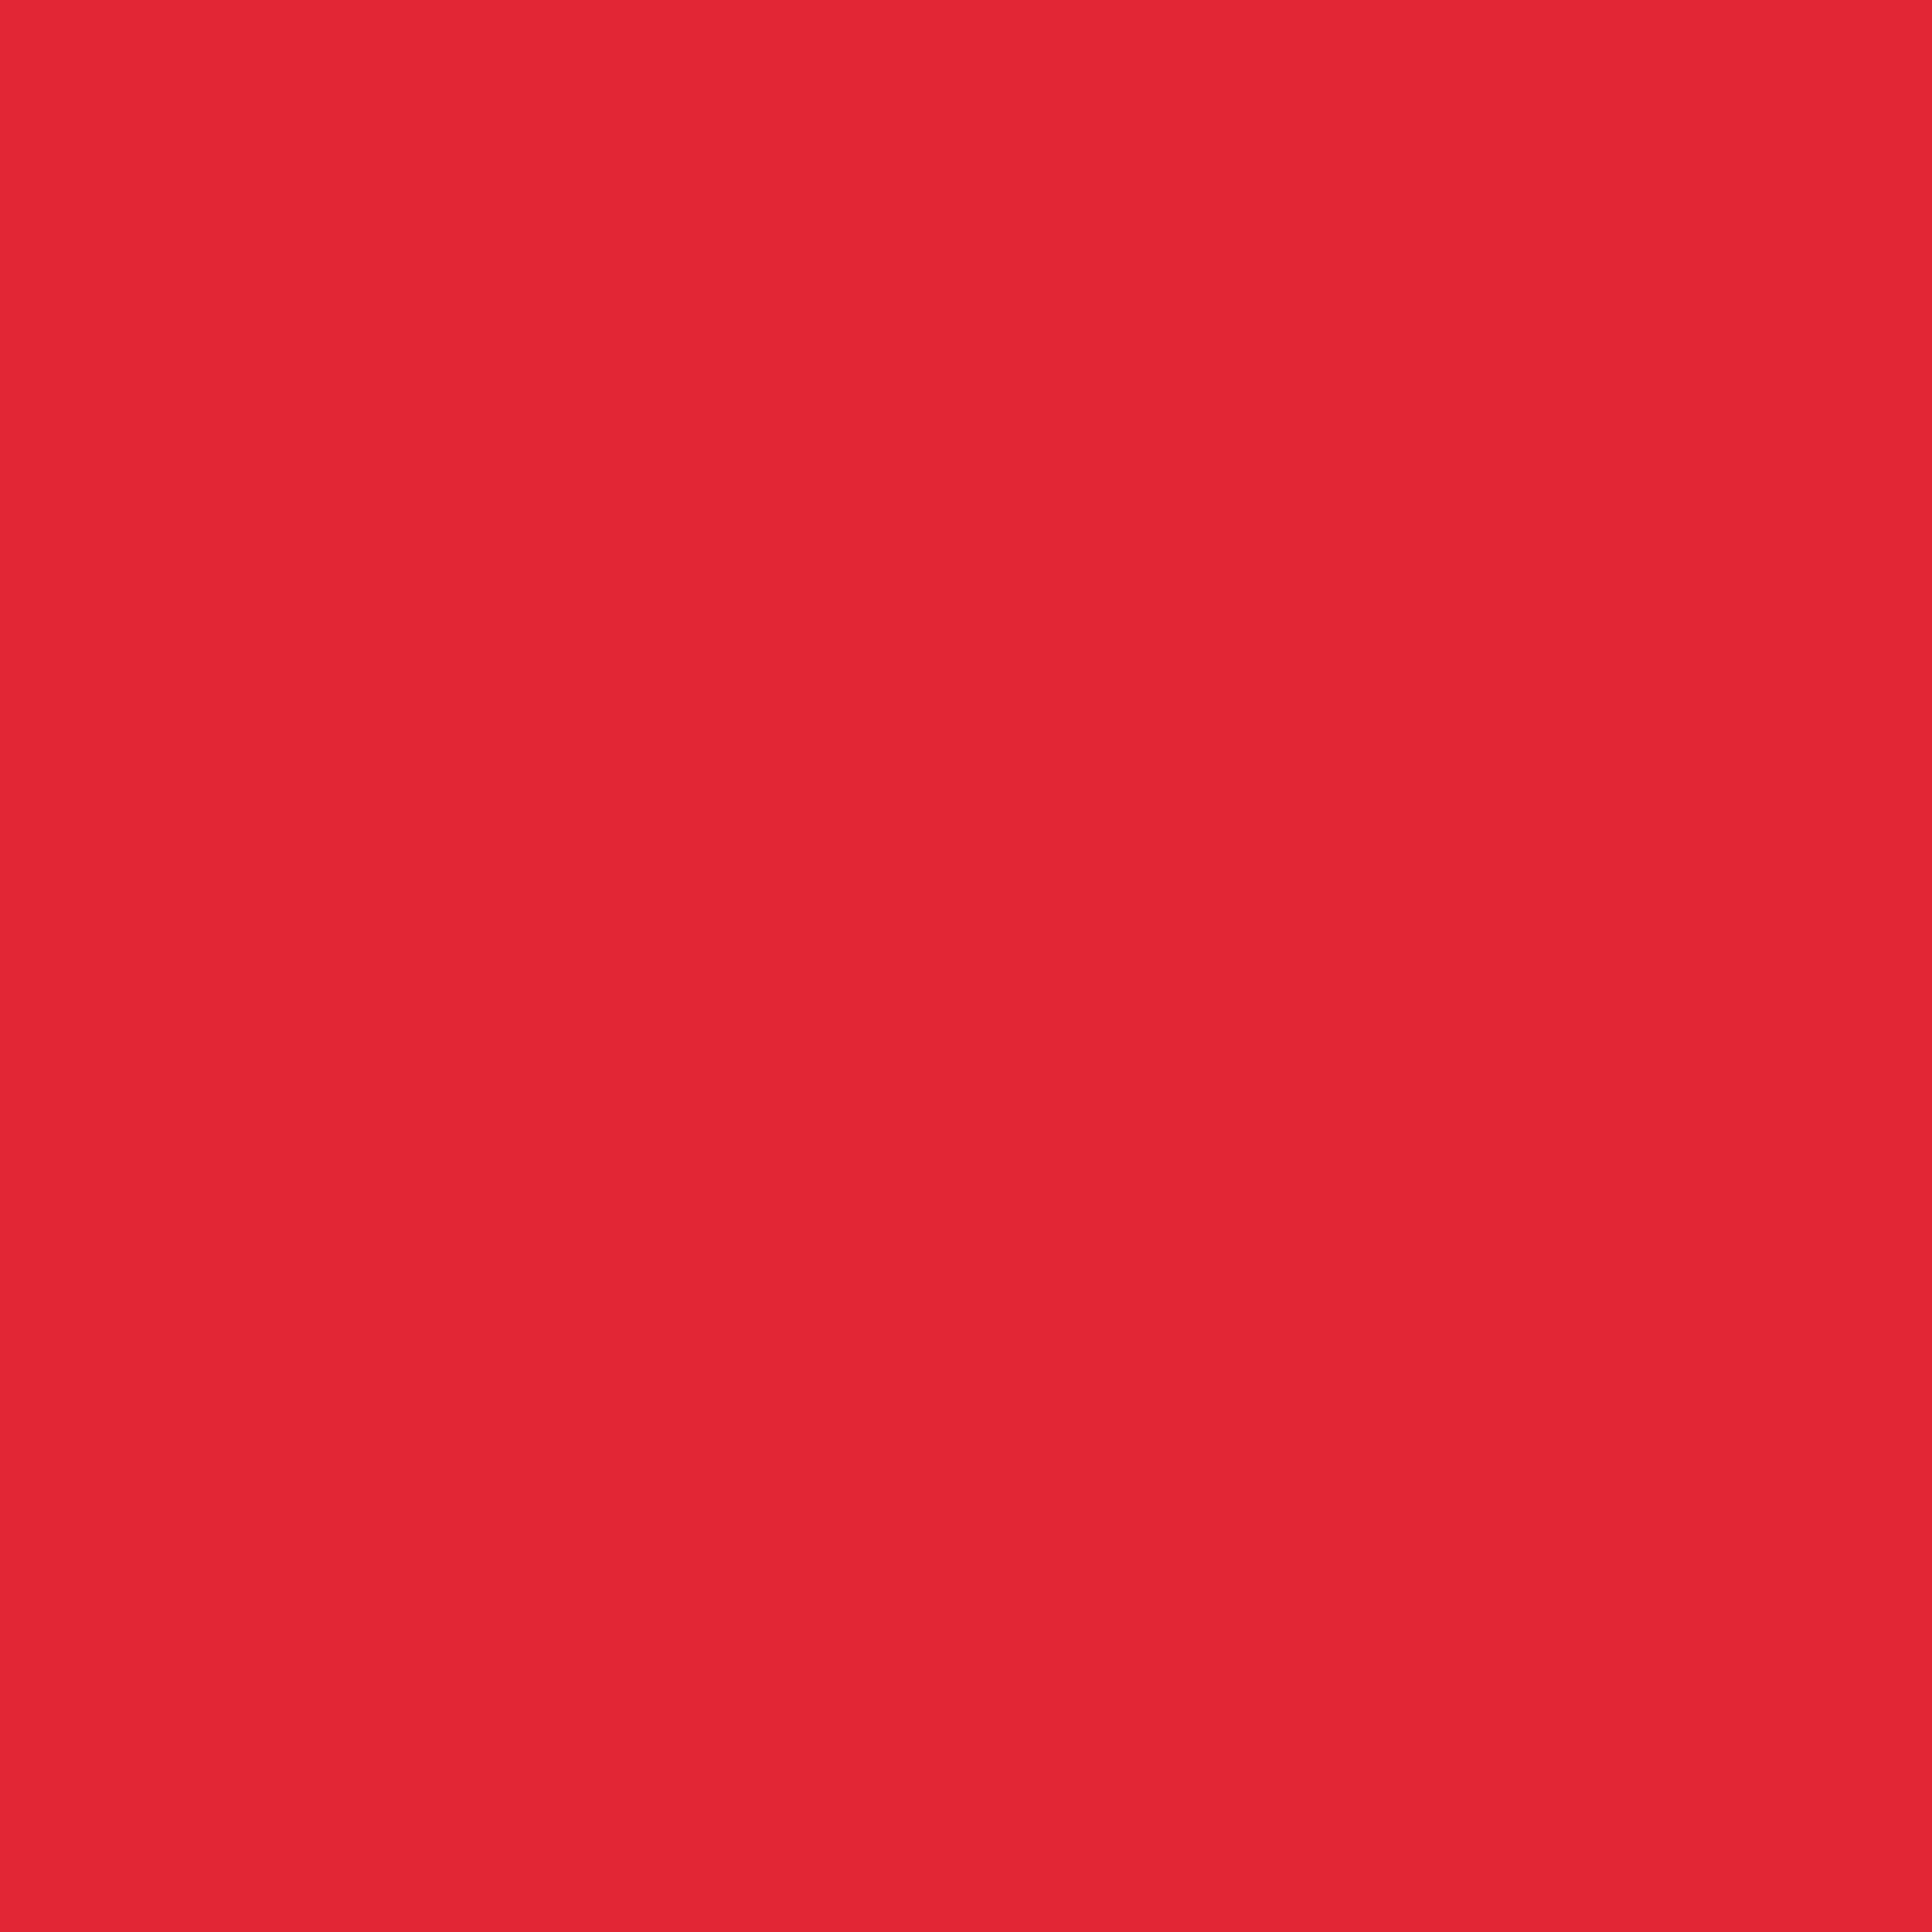 2048x2048 Rose Madder Solid Color Background